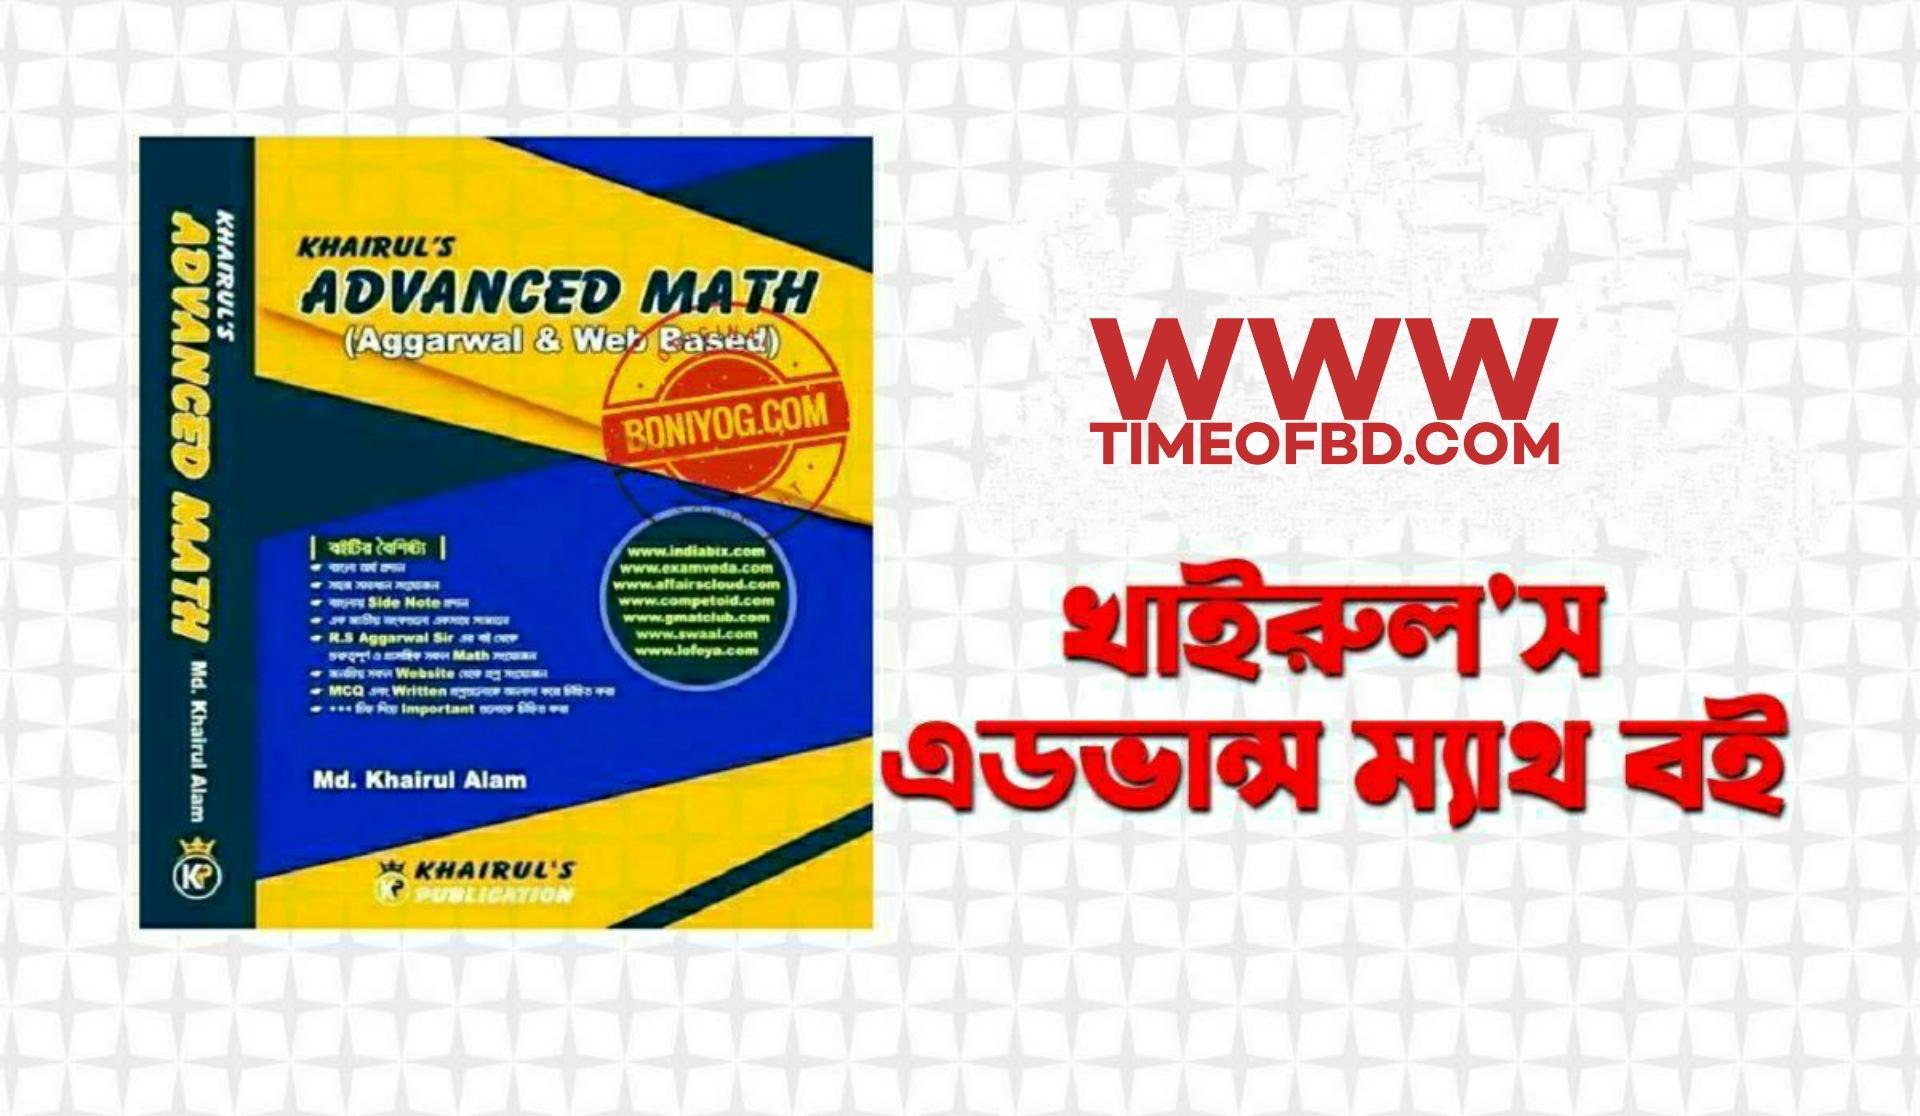 Khairul's advanced pdf। খাইরুলস এডভান্সড পিডিএফ